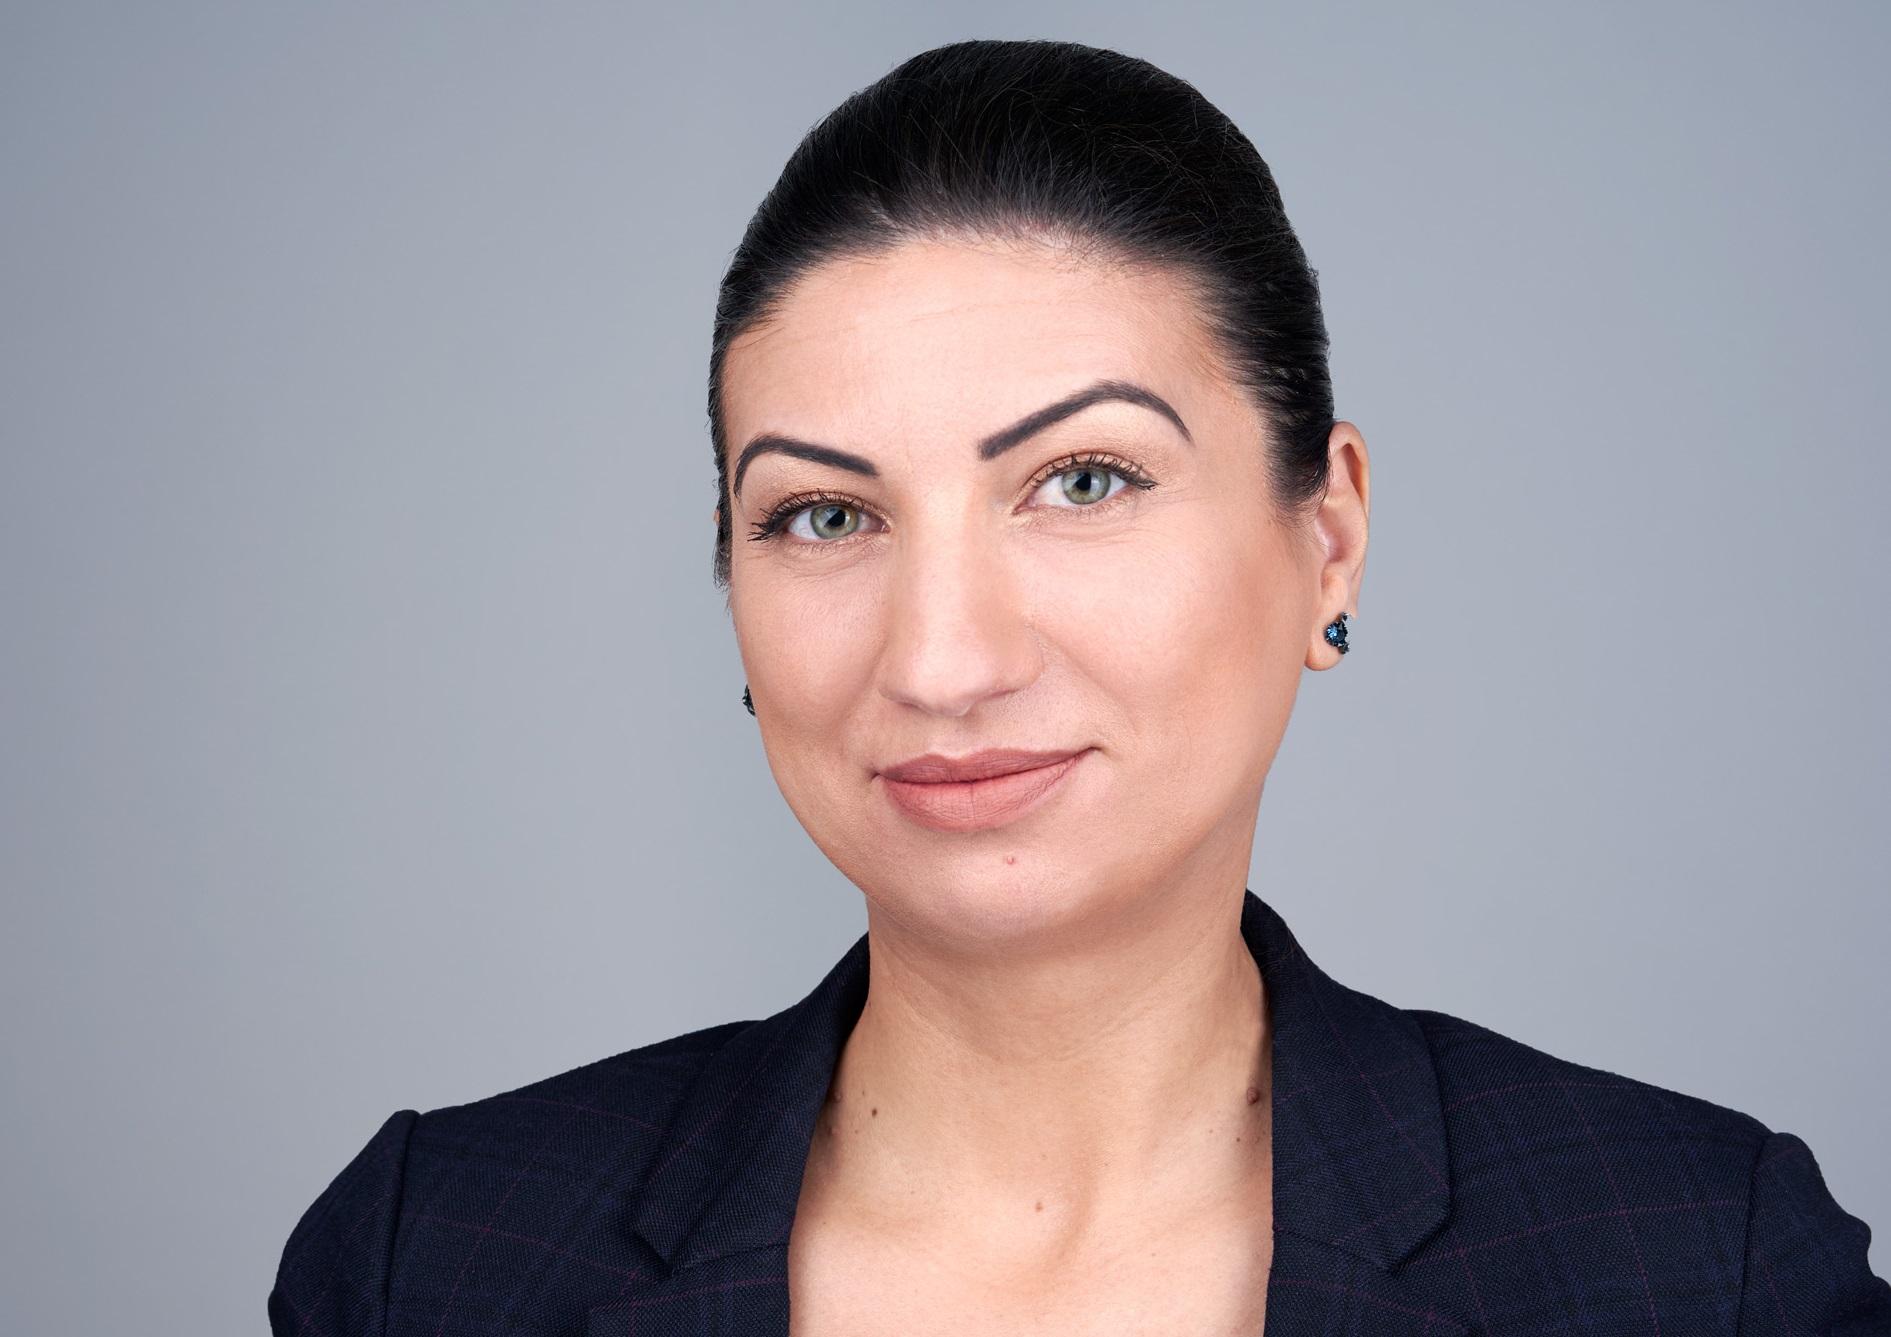 Ana-Maria Istrati